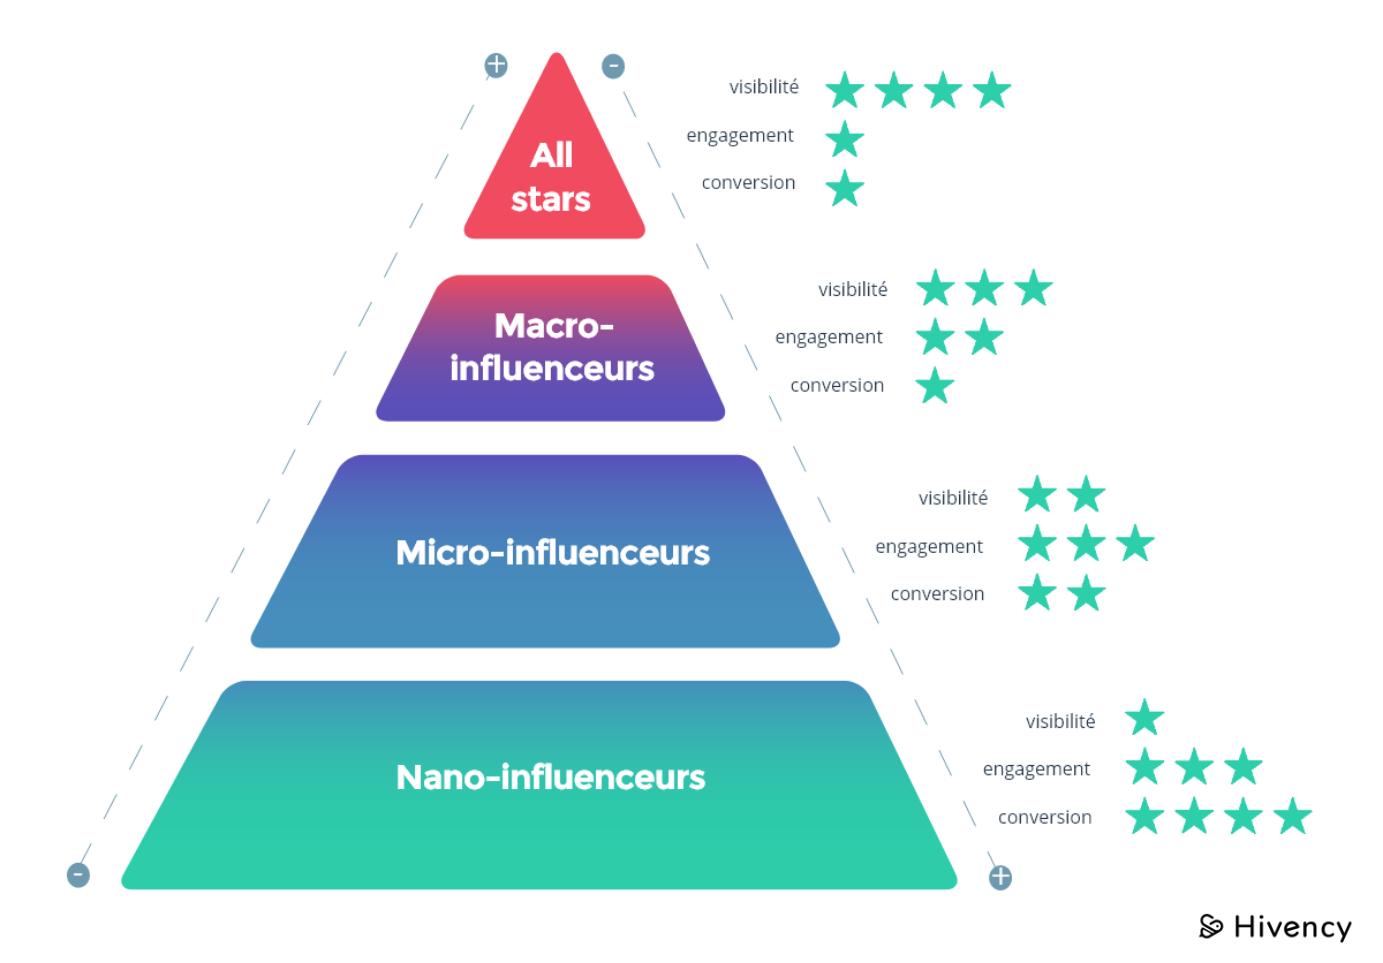 La pyramide des influenceurs (Source : Hivency)